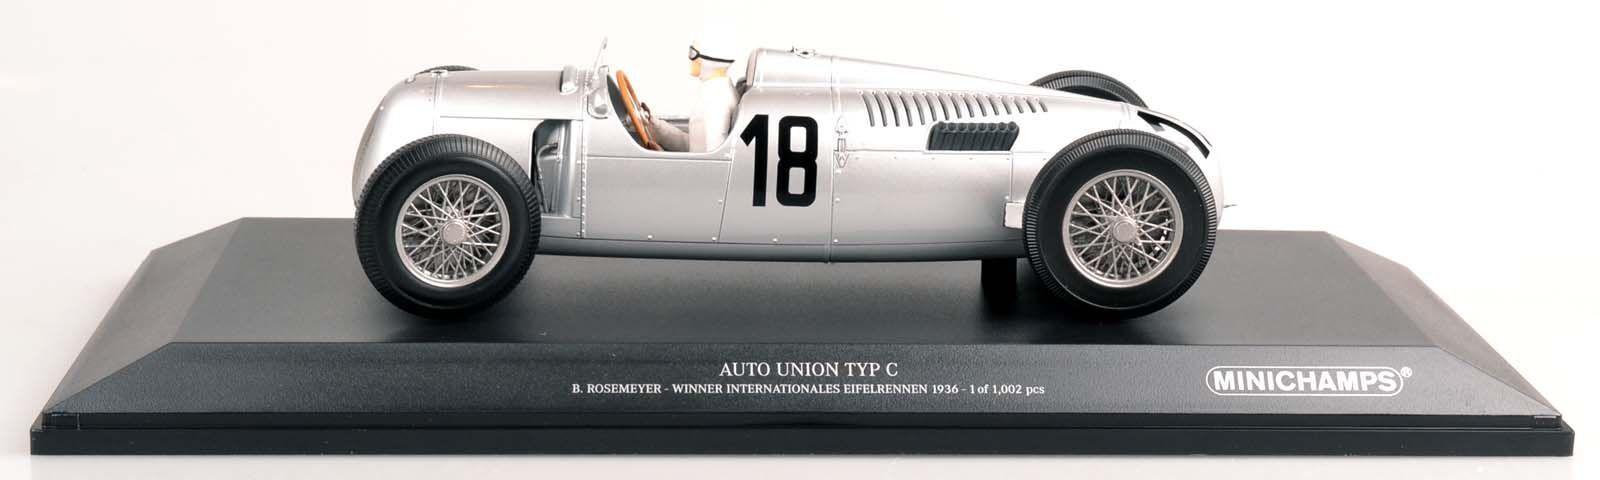 MINICHAMPS 155361018 Auto Union Type C B. Rosemeyer Eifel Course 1936 1 18 Nouveau Neuf dans sa boîte